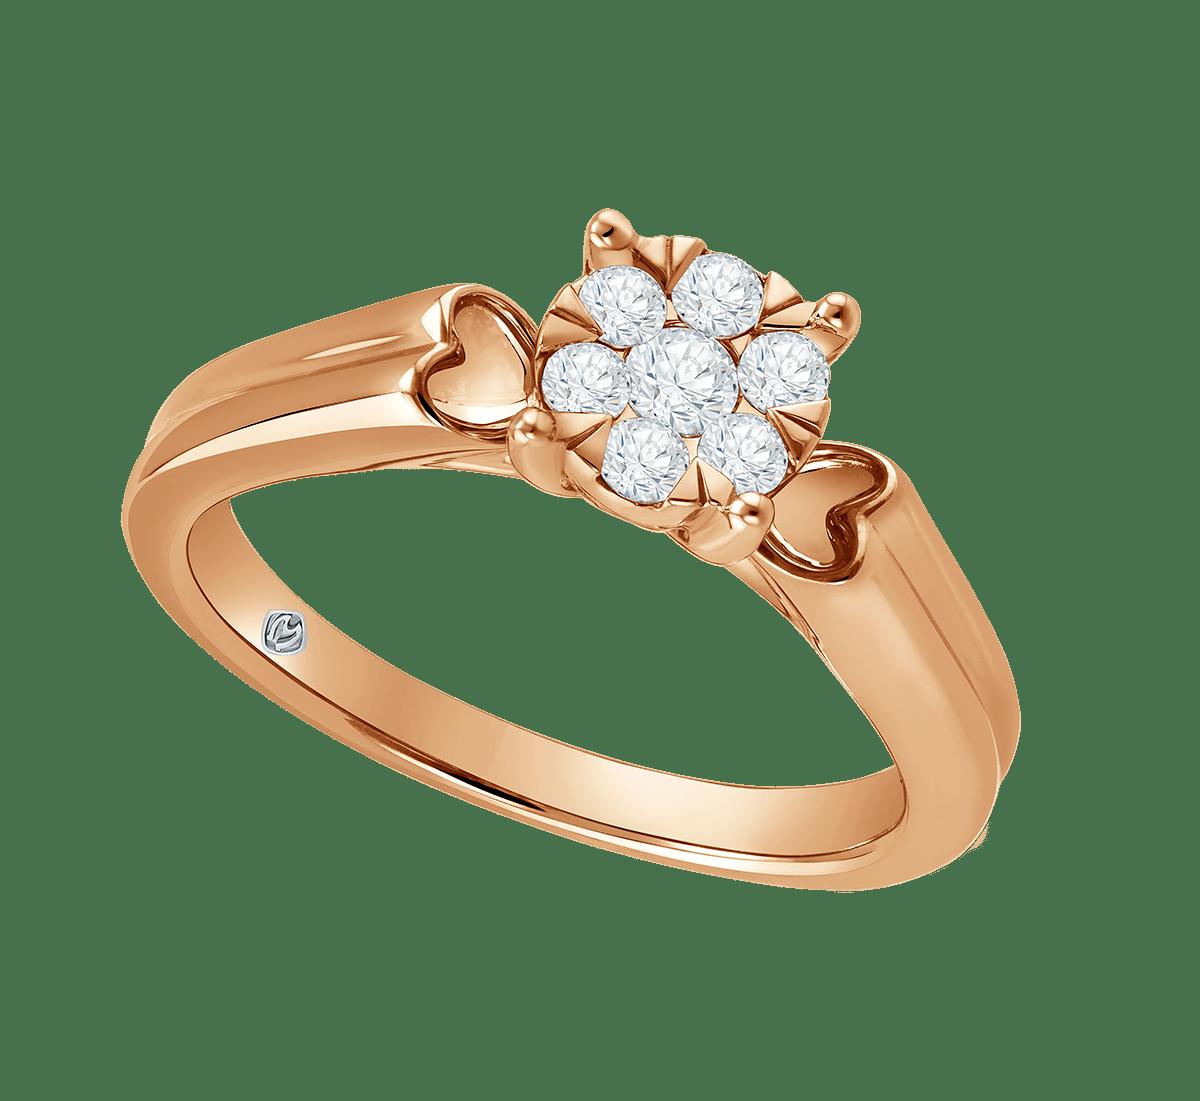 Mengetahui Model Cincin Berlian Wanita Asli